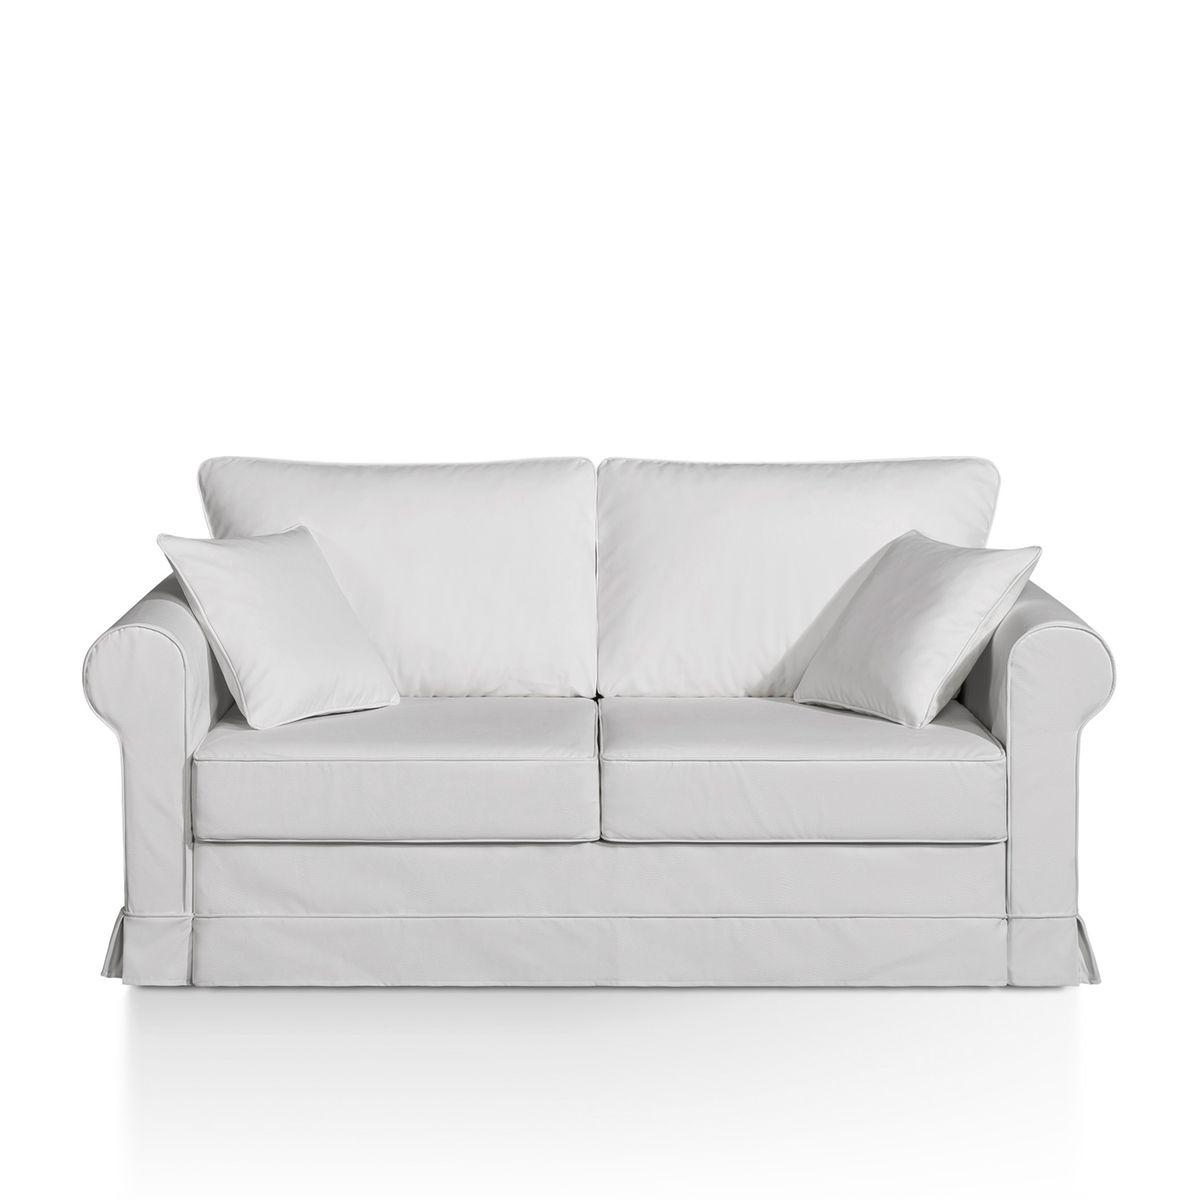 Achat canap s cuir canap s salle salon meubles discount page 2 - Choix d un matelas pour mal de dos ...